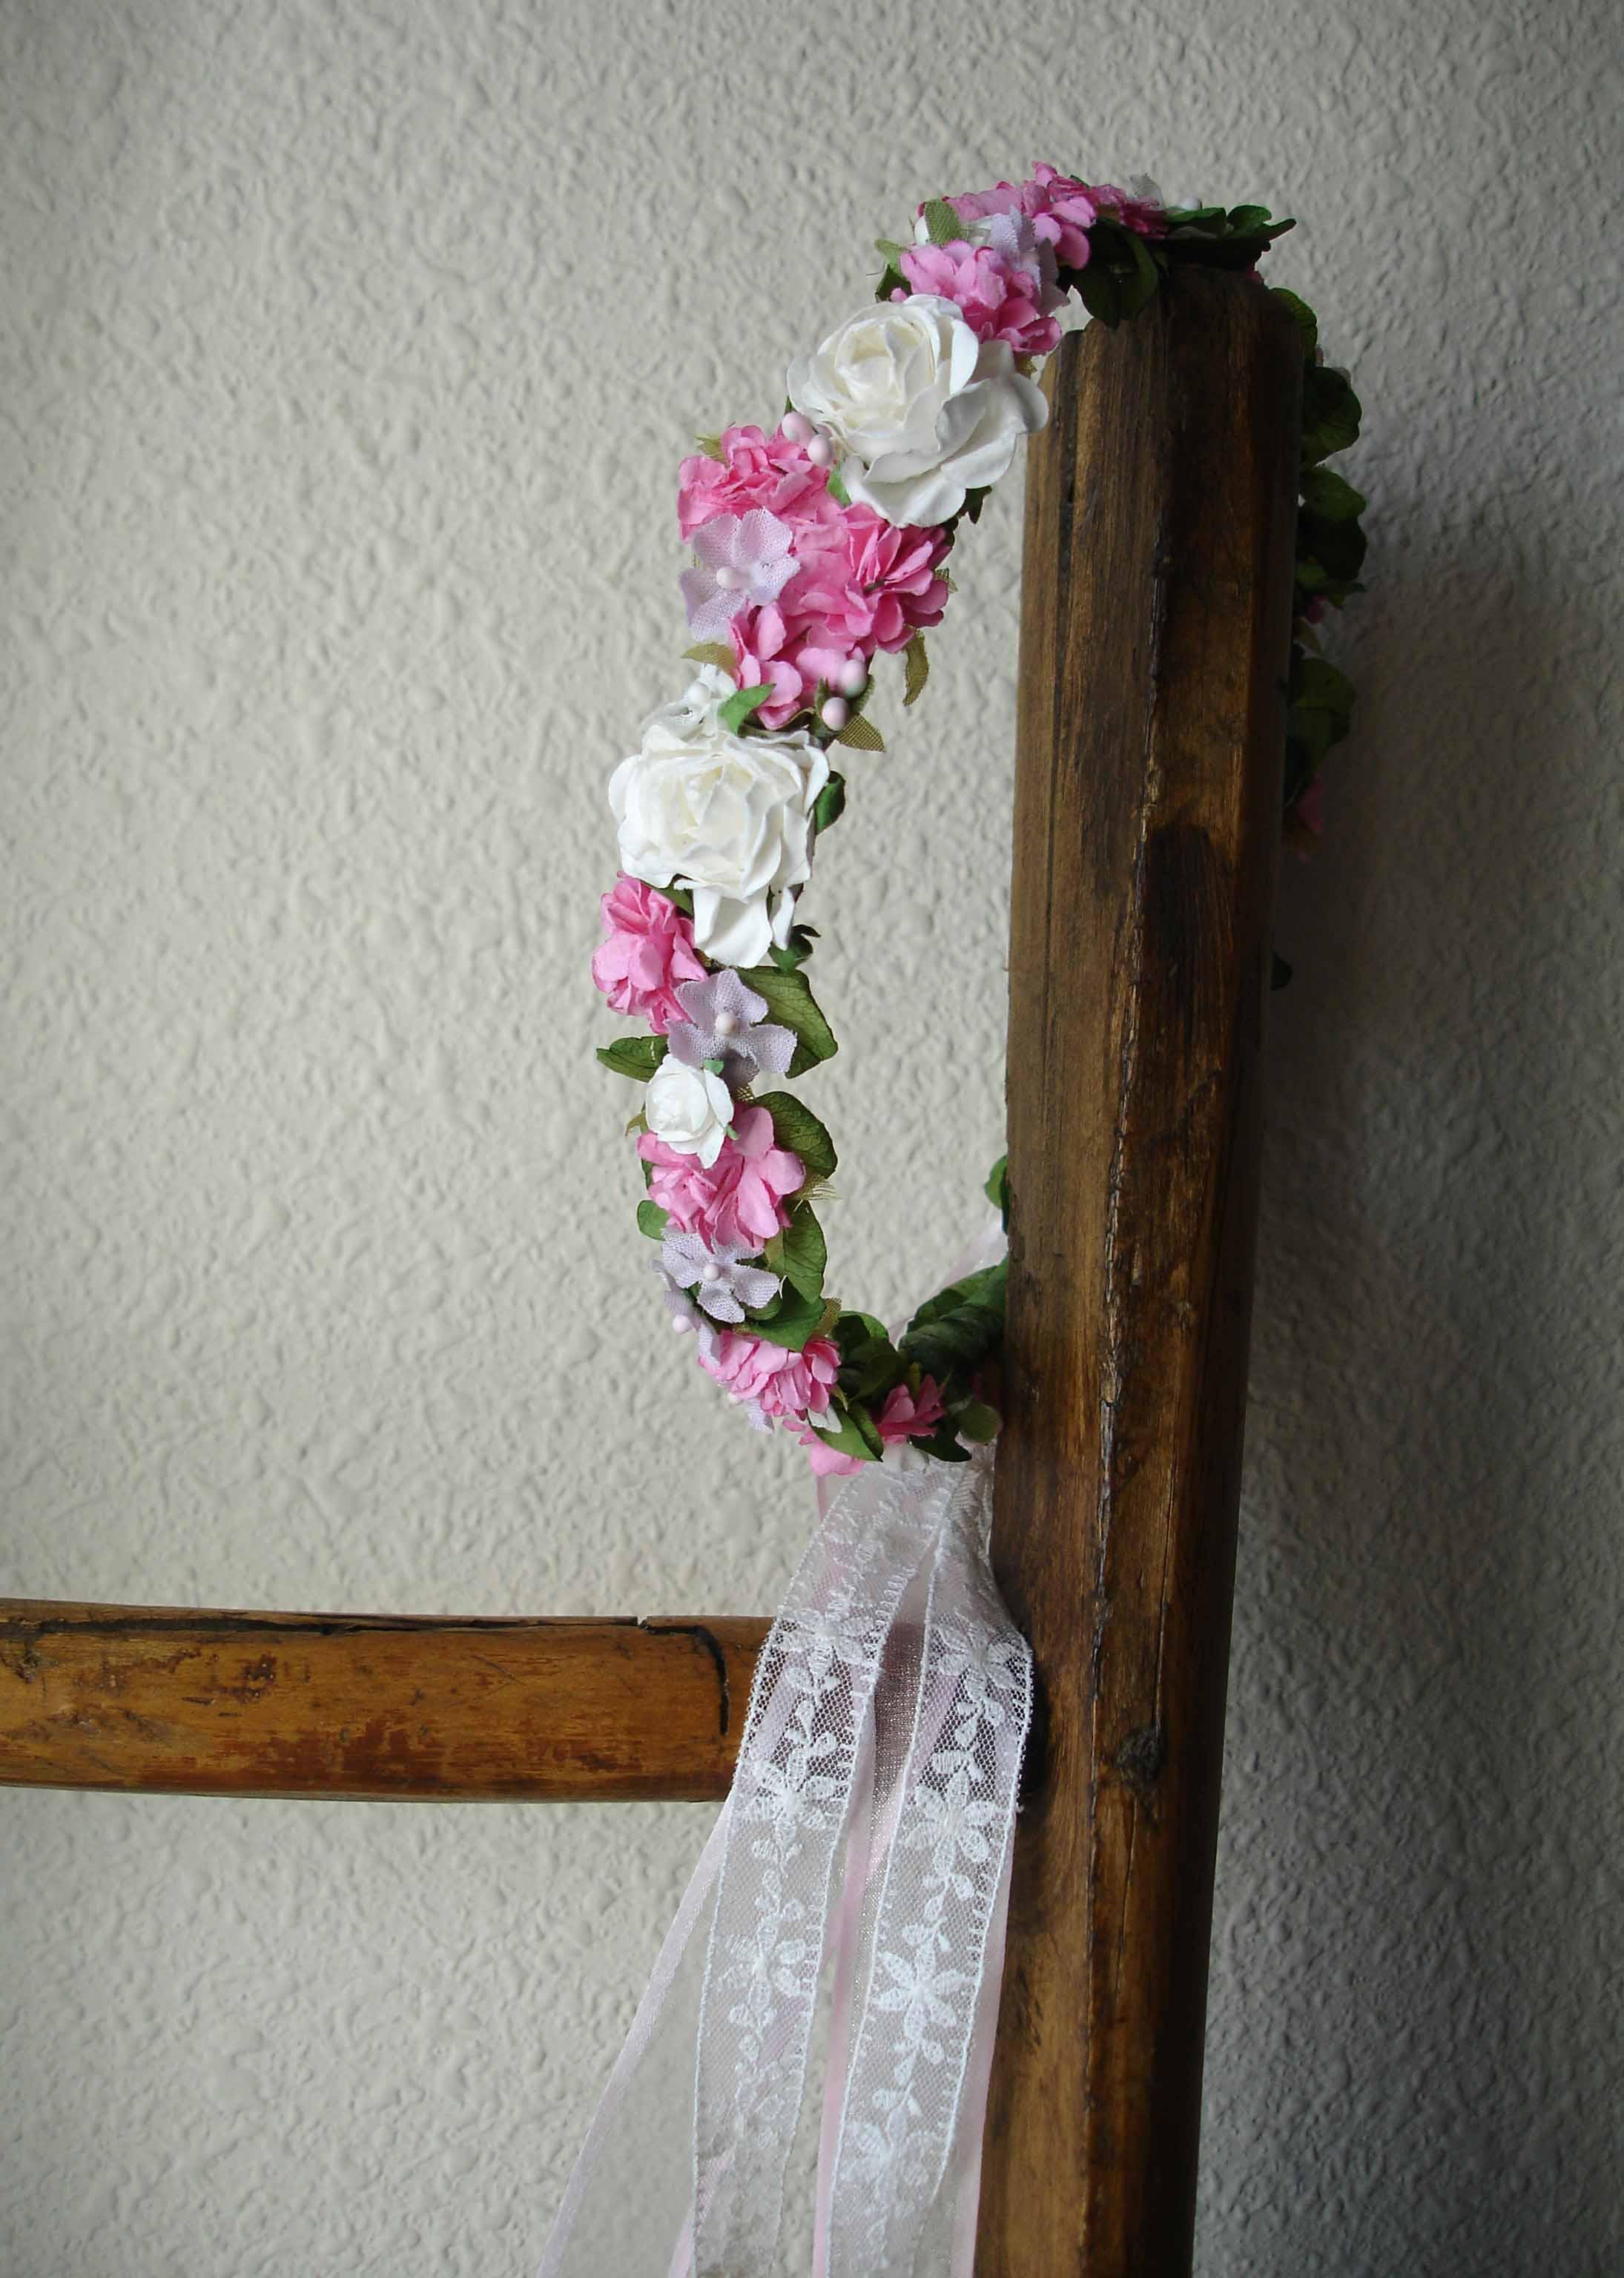 Corona Cruz rosa 11